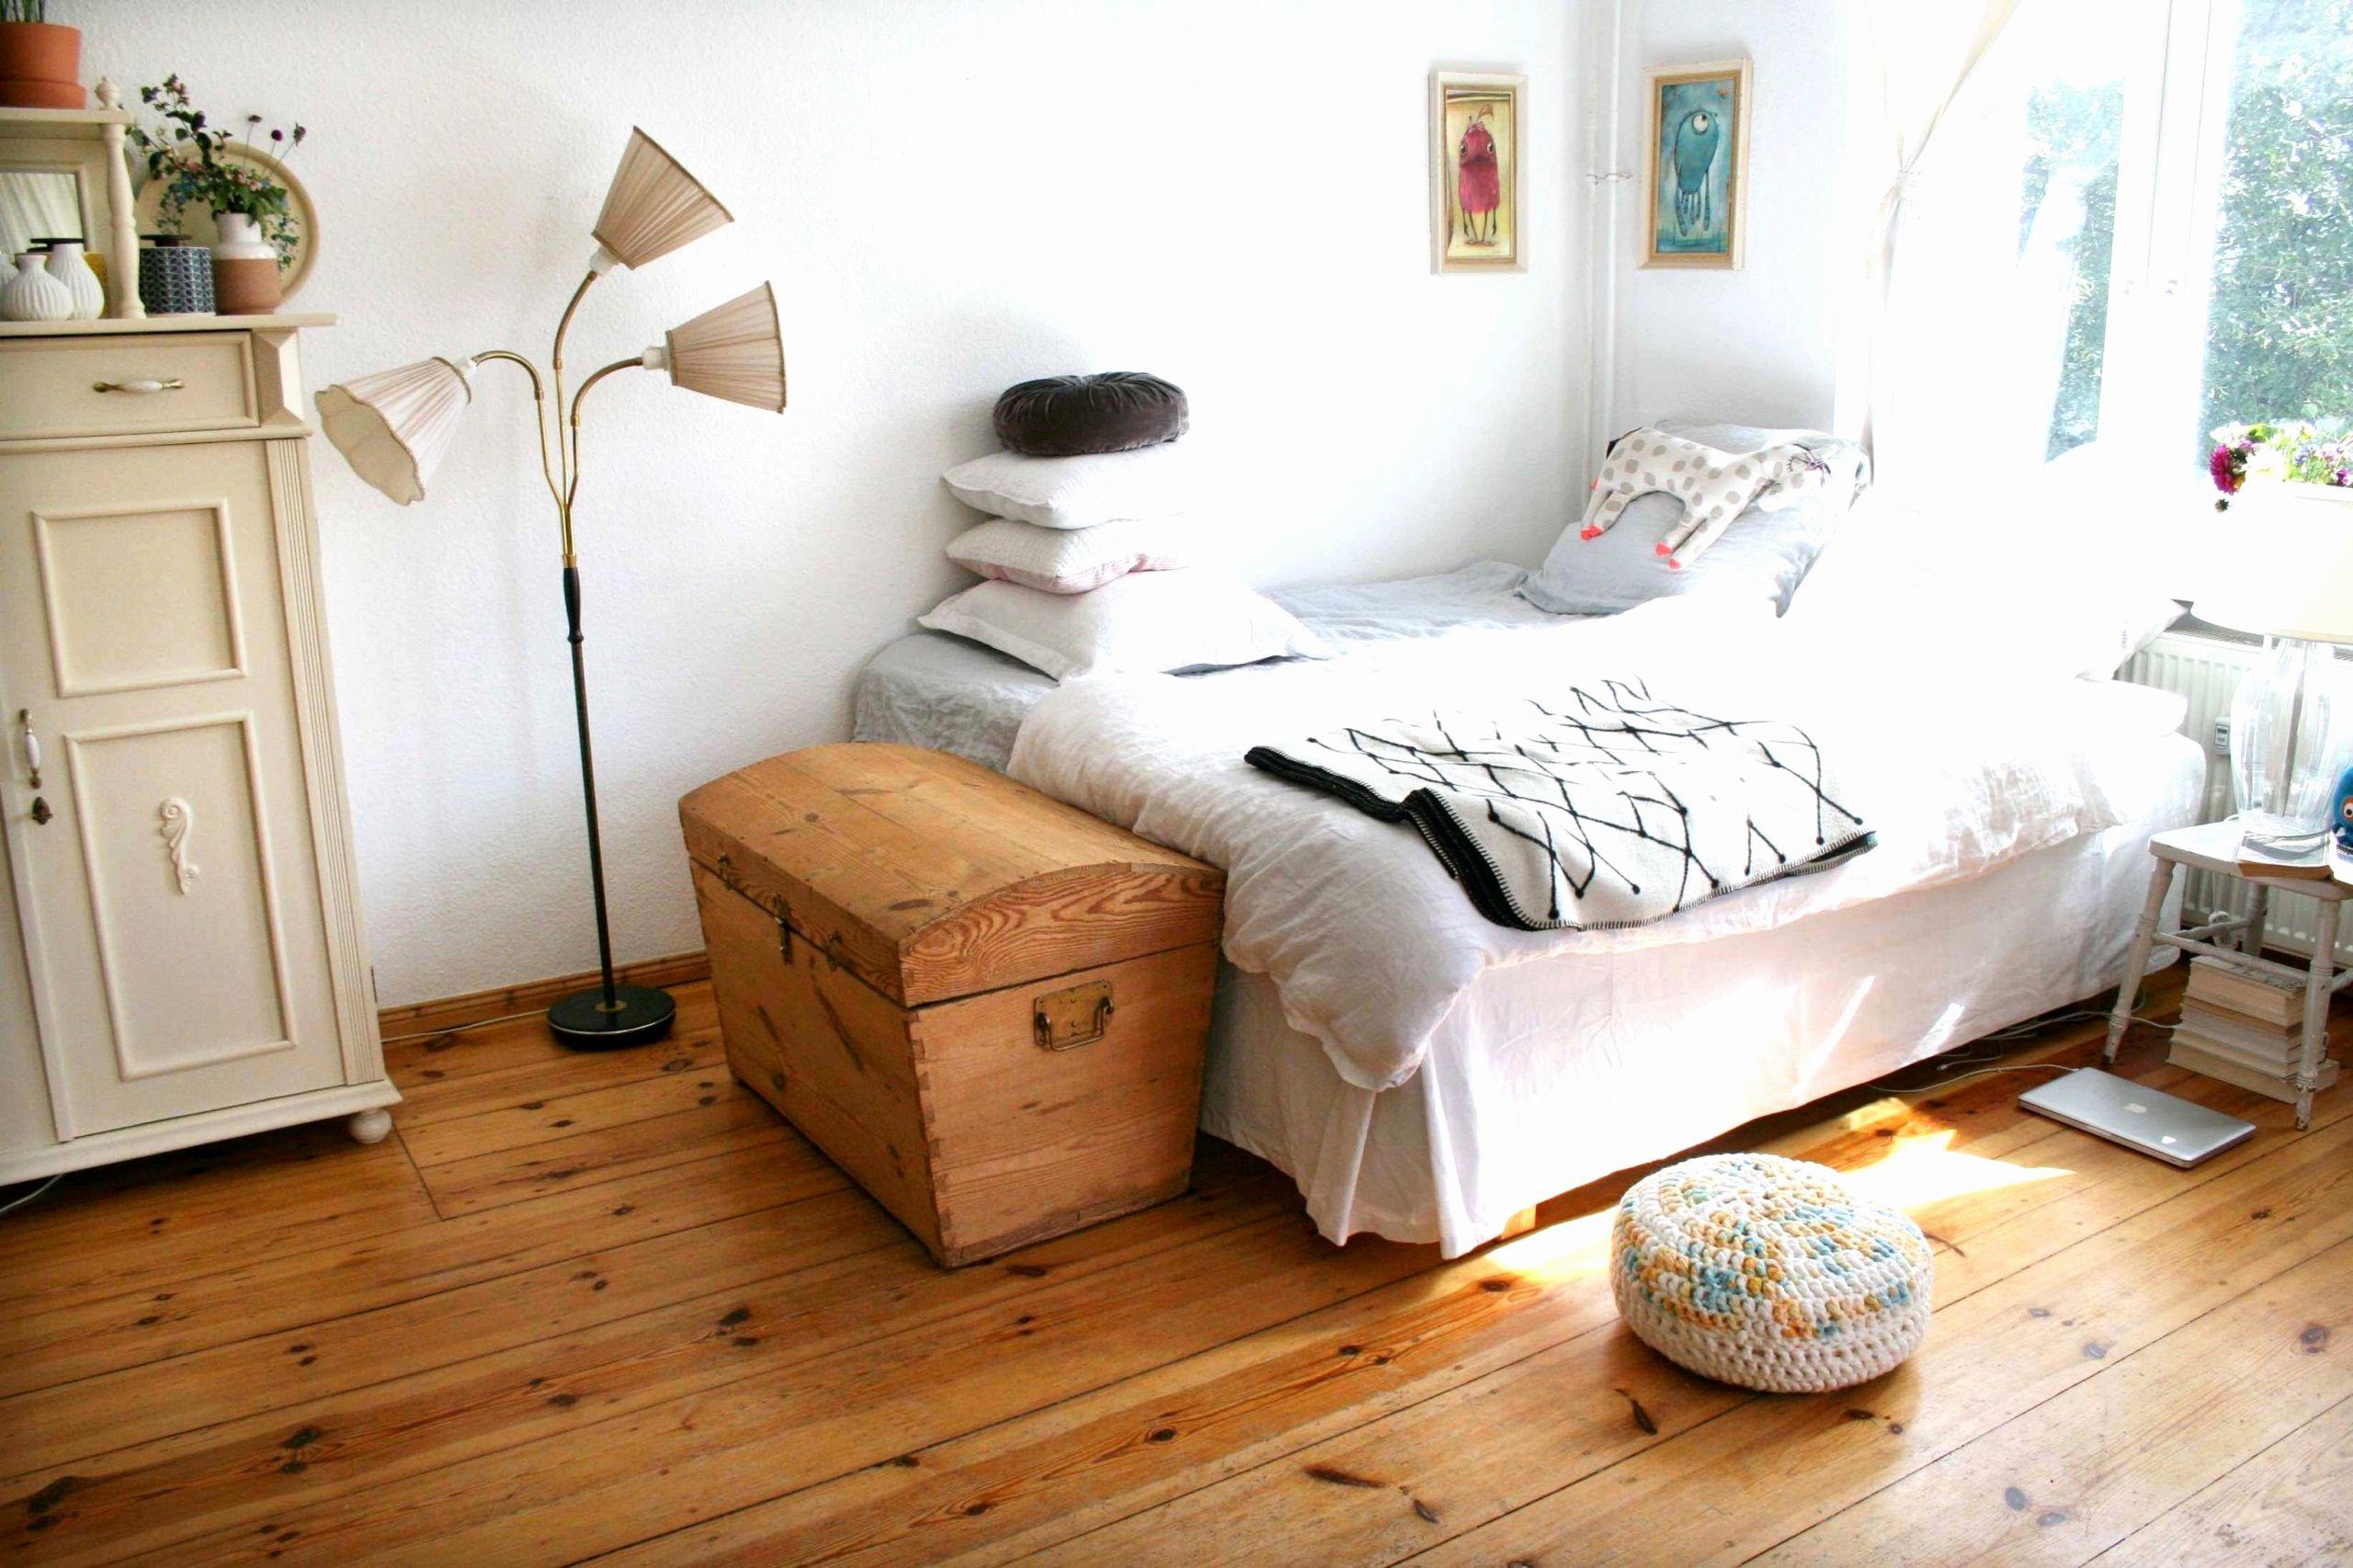 schlafzimmer romantisch dekorieren luxus schlafzimmer ideen wandgestaltung neu schlafzimmer romantisch 0d das of schlafzimmer romantisch dekorieren